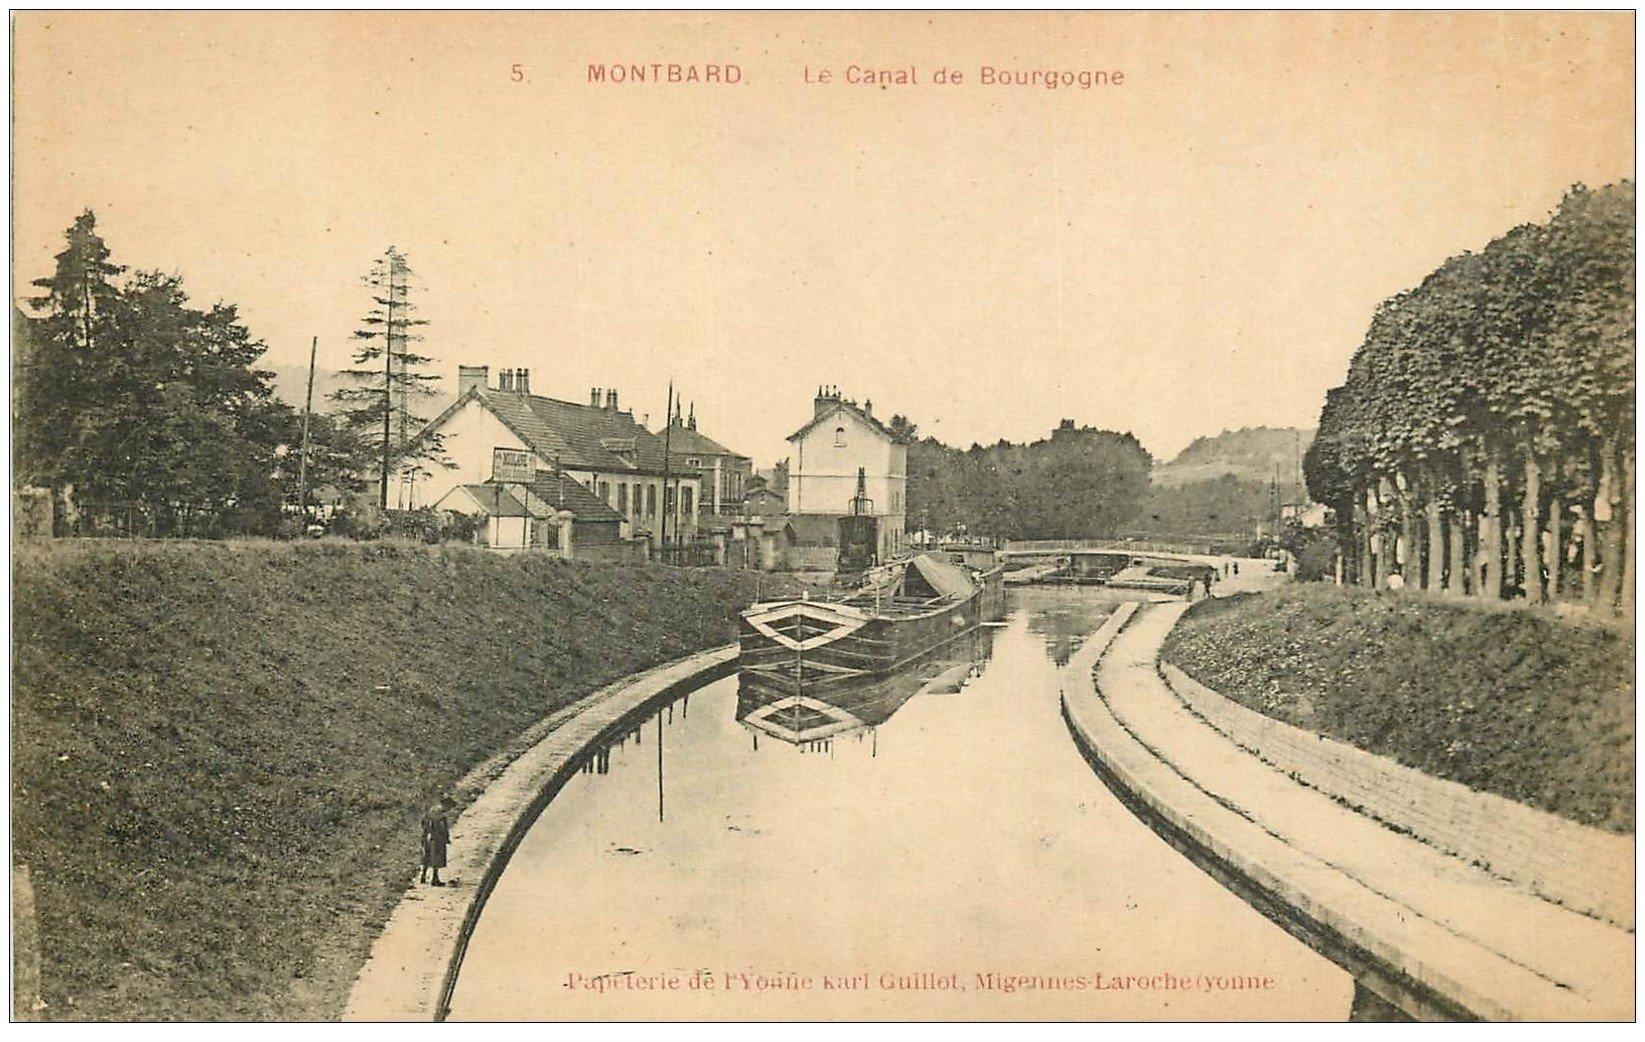 Canal De Bourgogne Carte.21 Montbard Peniche Et Ecluse Sur Le Canal De Bourgogne